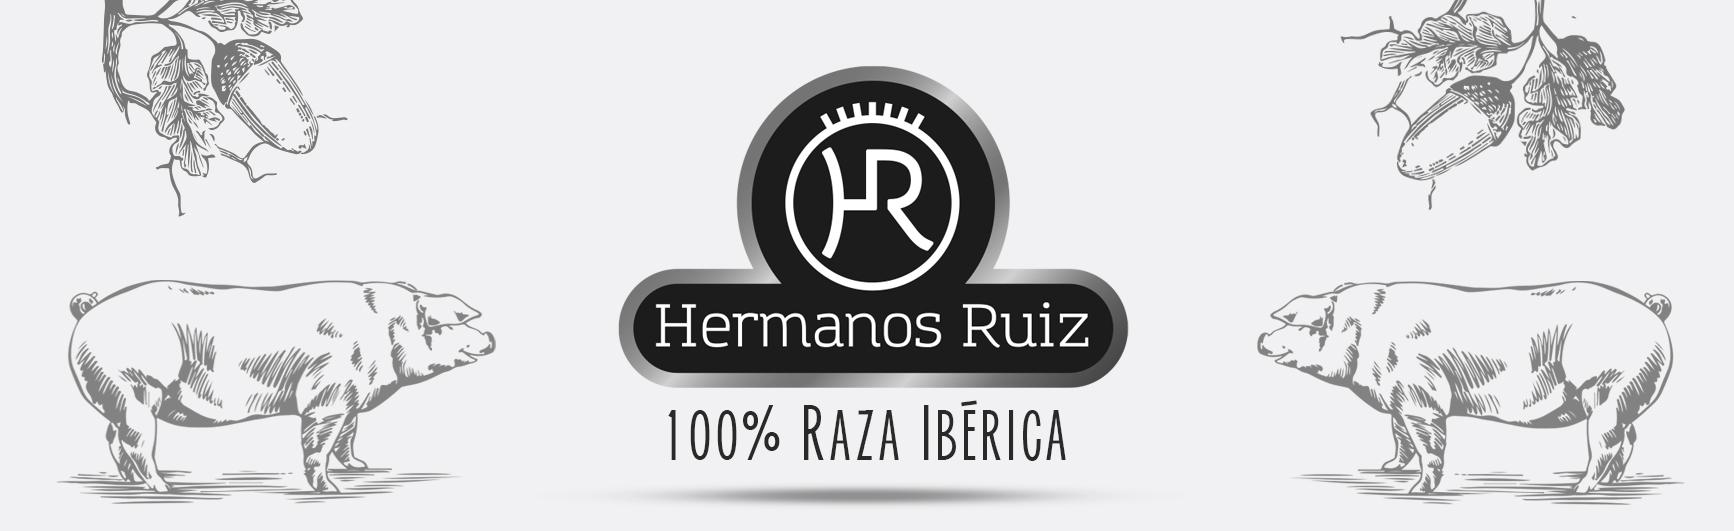 Encinas Reales - Hermanos Ruiz - Secreto Bellota